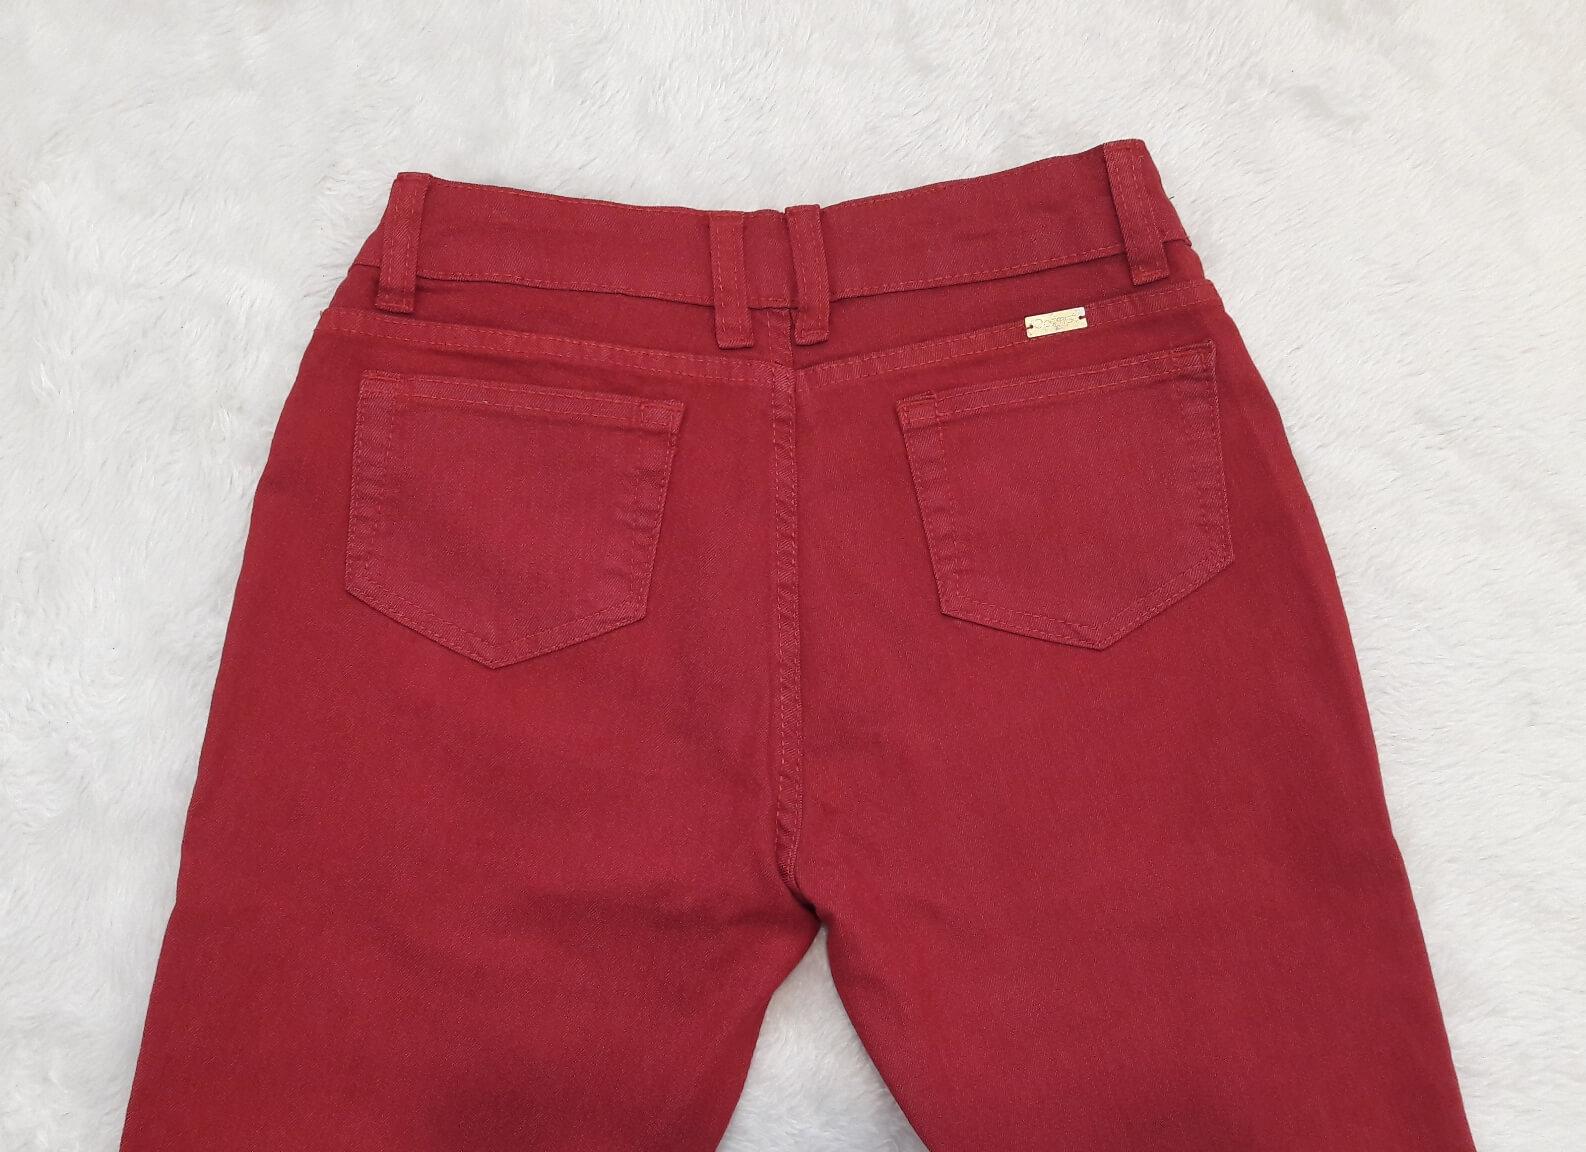 jeans-color-40